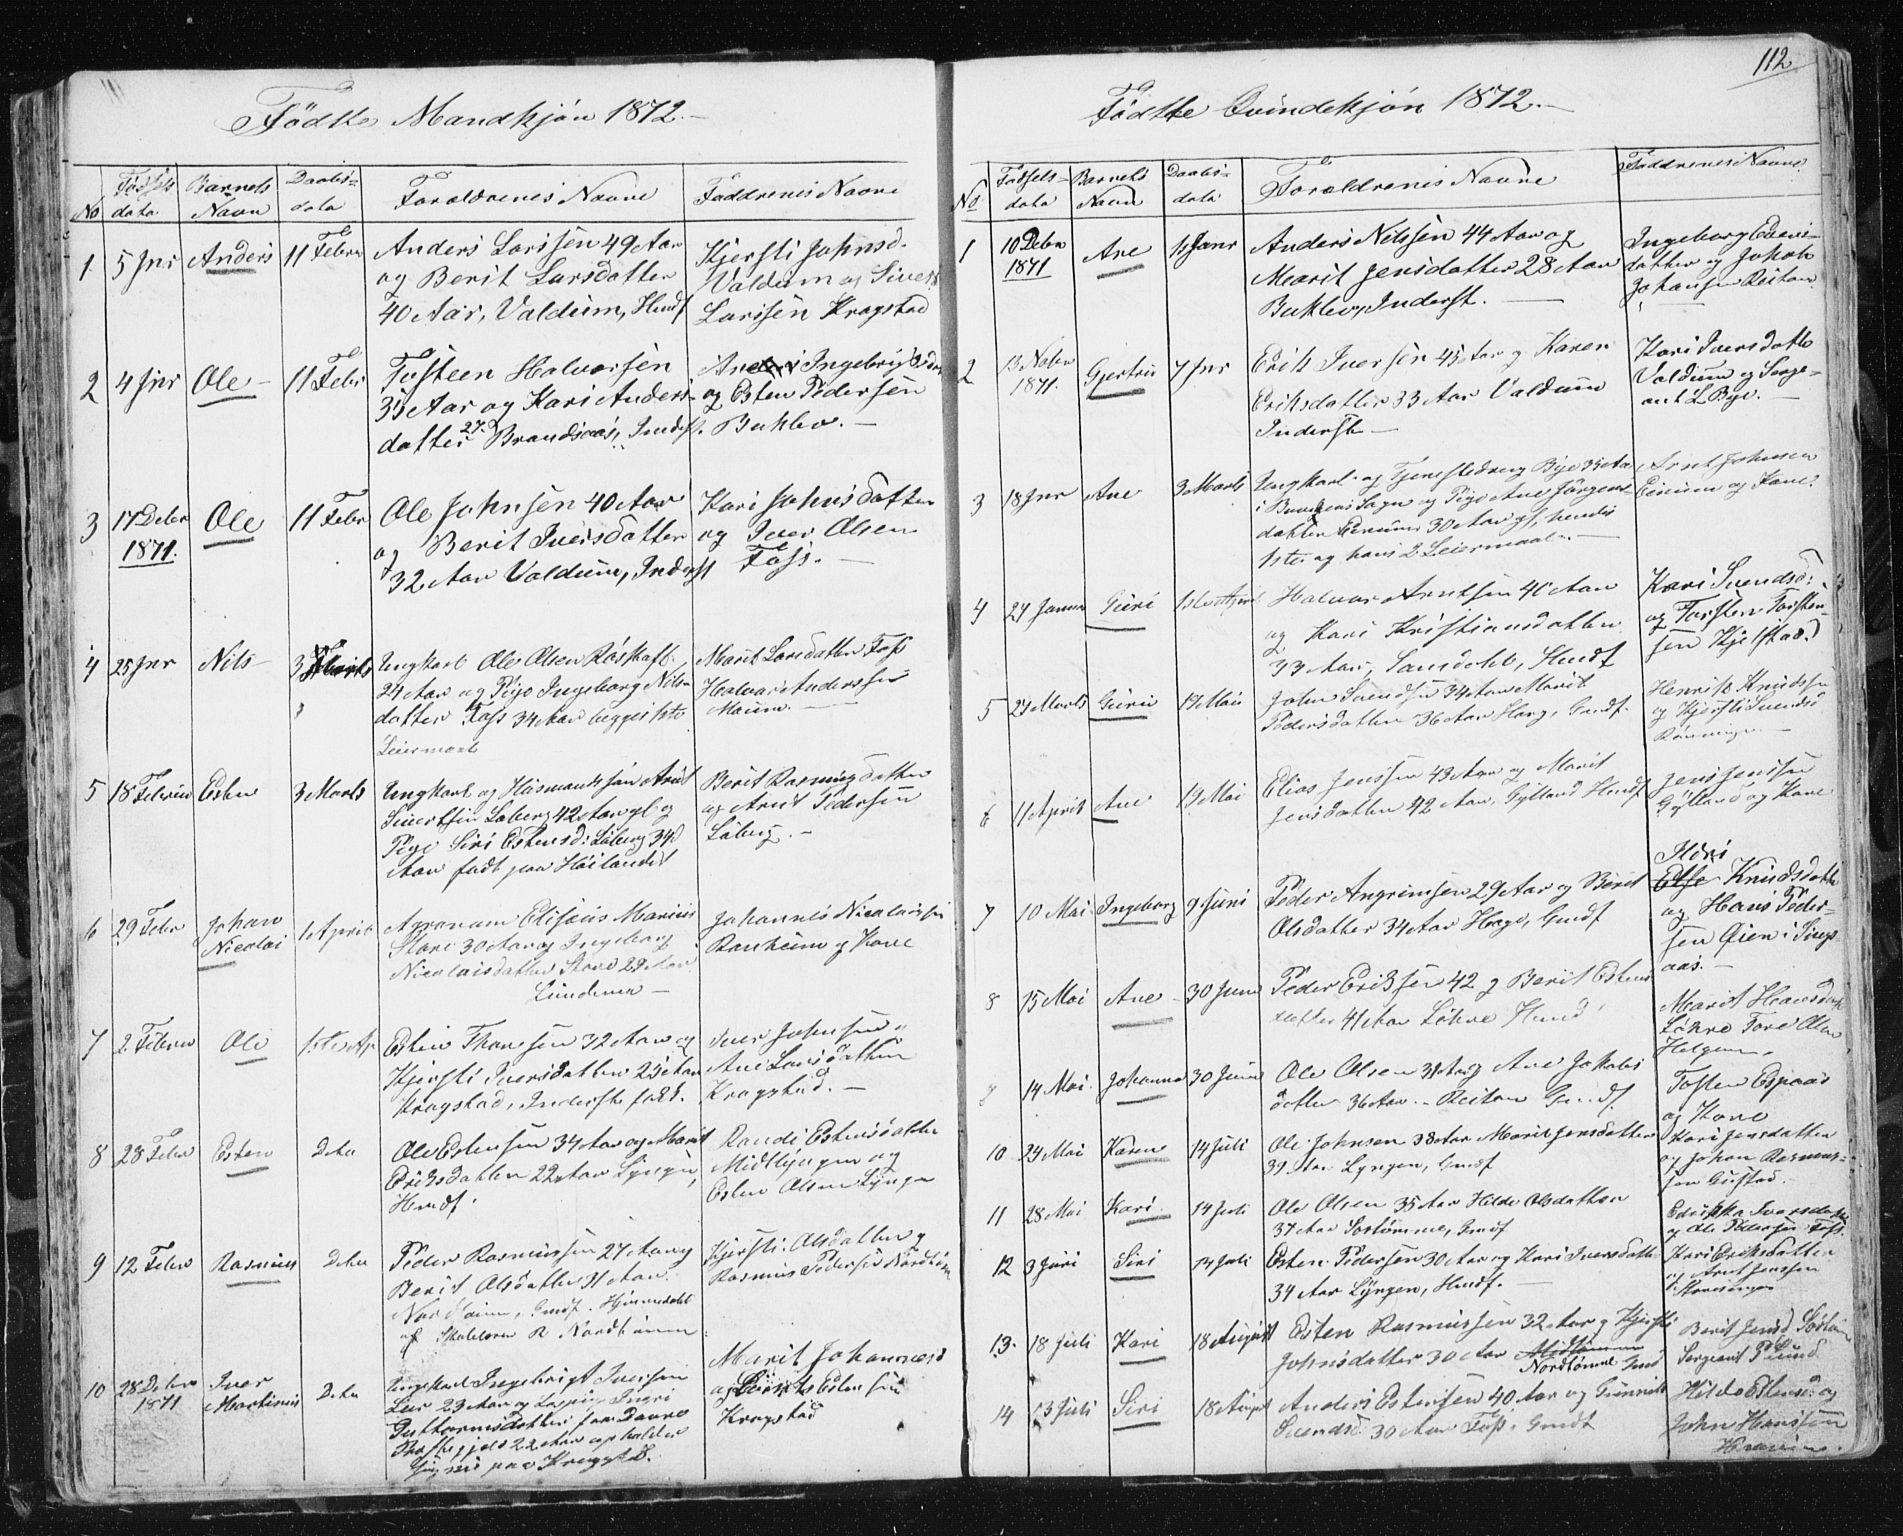 SAT, Ministerialprotokoller, klokkerbøker og fødselsregistre - Sør-Trøndelag, 692/L1110: Klokkerbok nr. 692C05, 1849-1889, s. 112